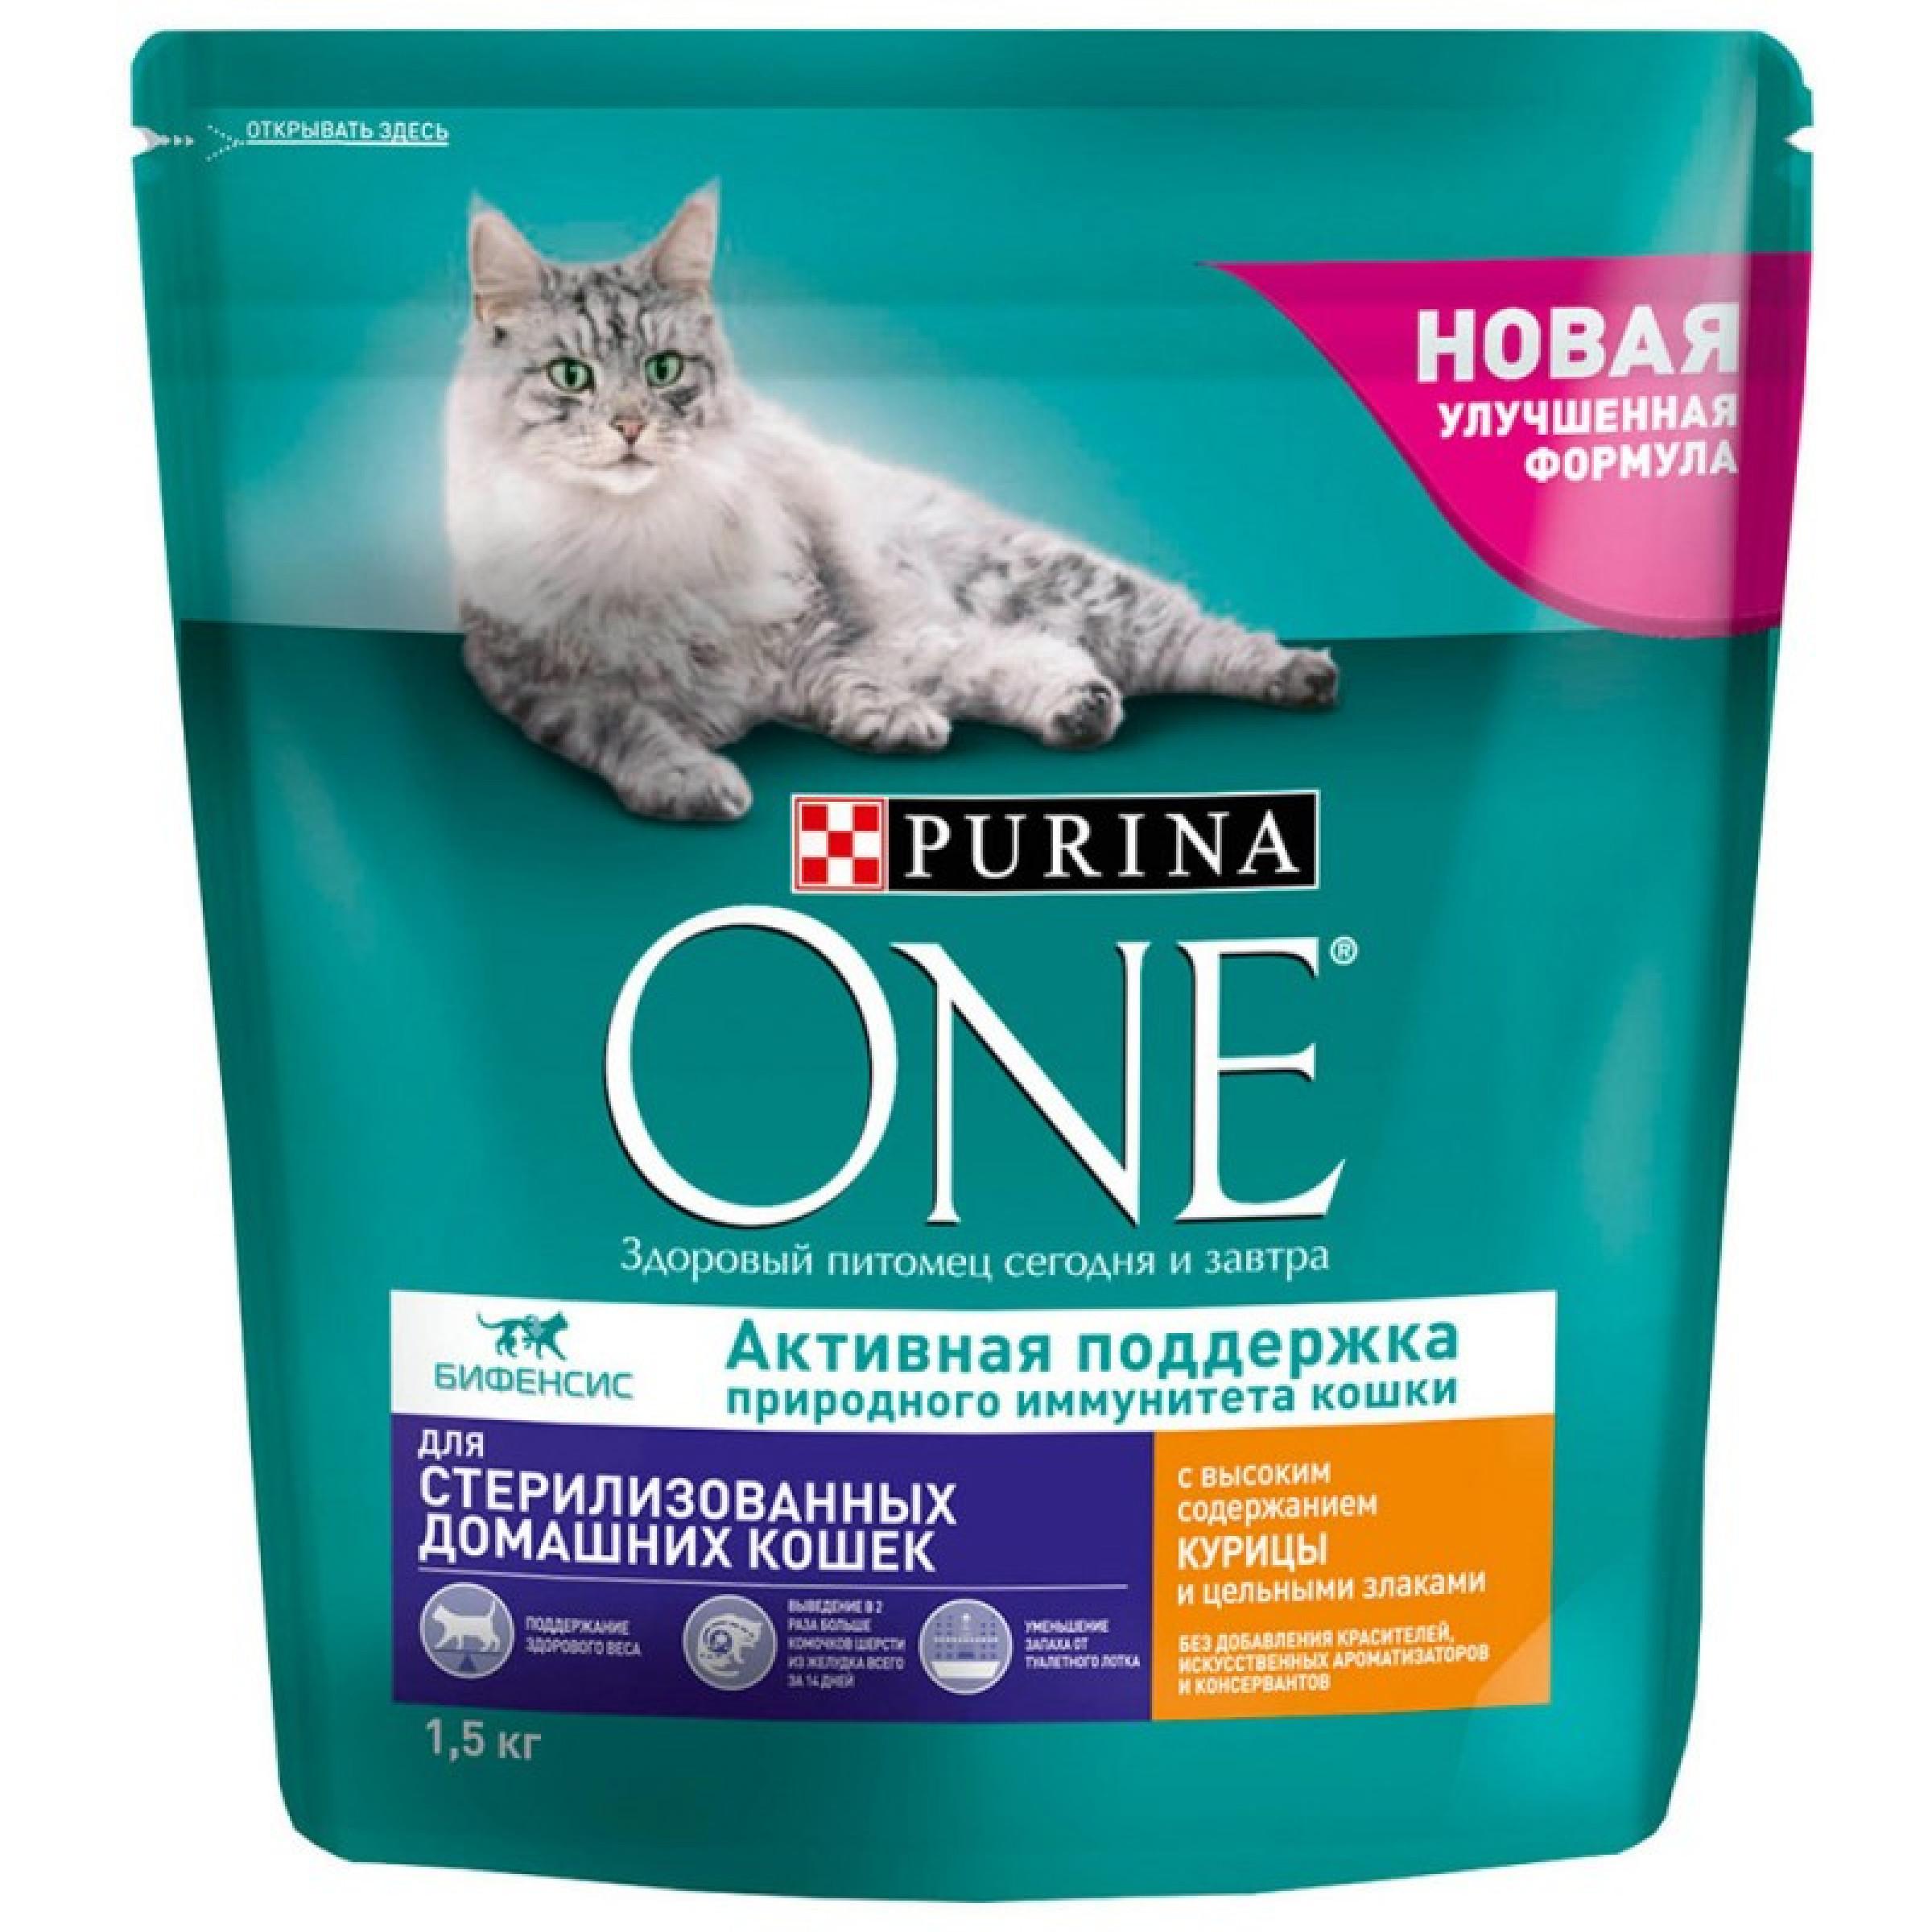 Сухой корм Purina ONE для домашних стерилизованных кошек и котов, курица, 1,5 кг